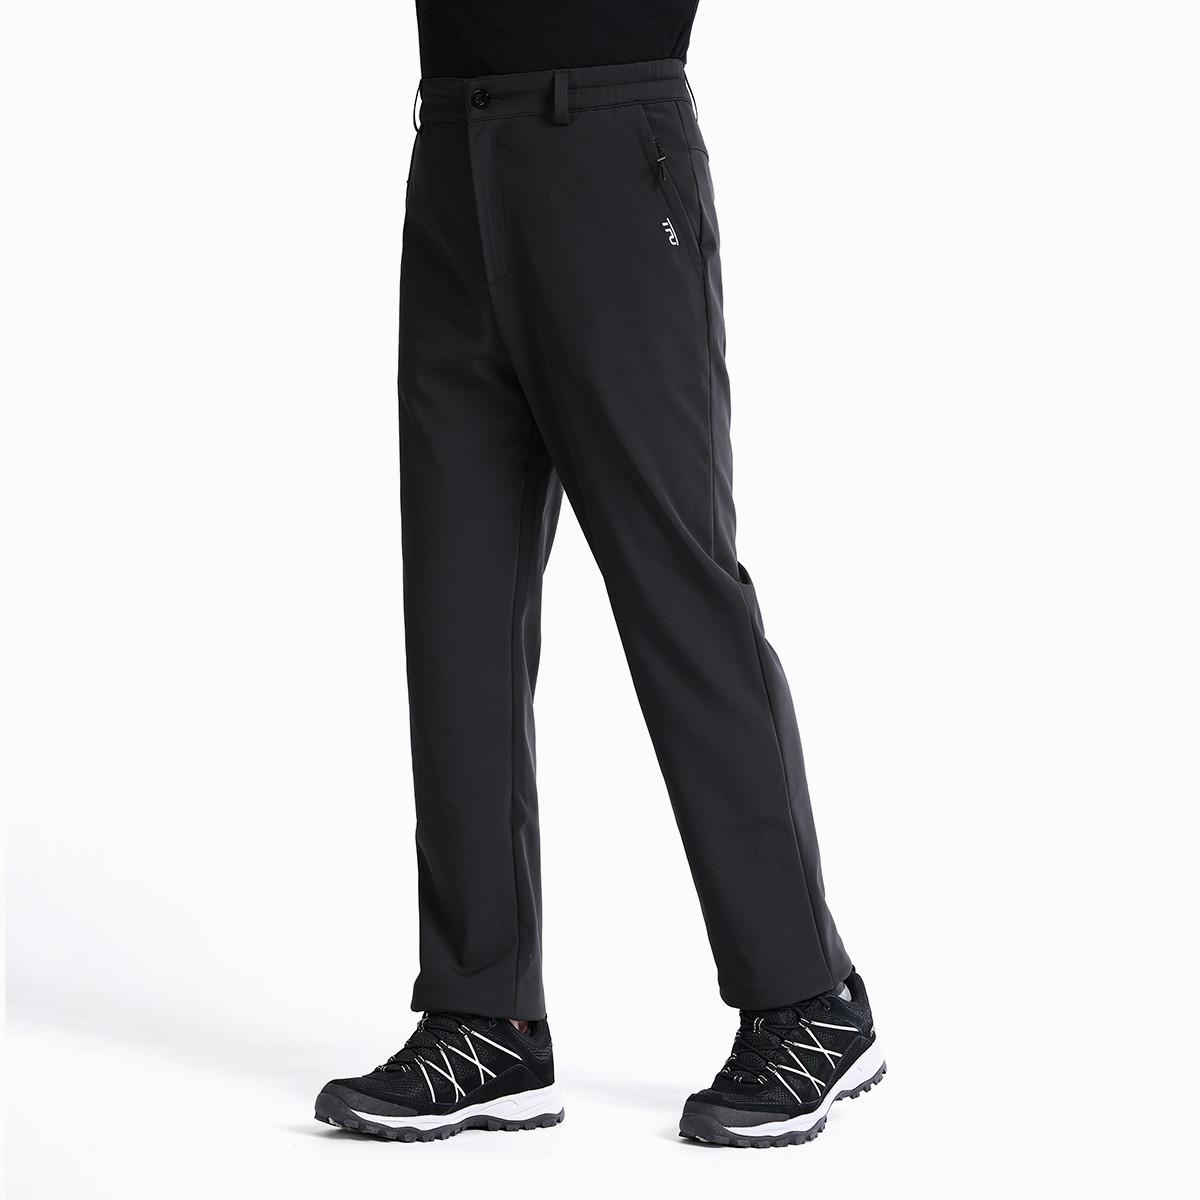 TFO防风修身弹力商务休闲 男款旅行软壳裤772993F00